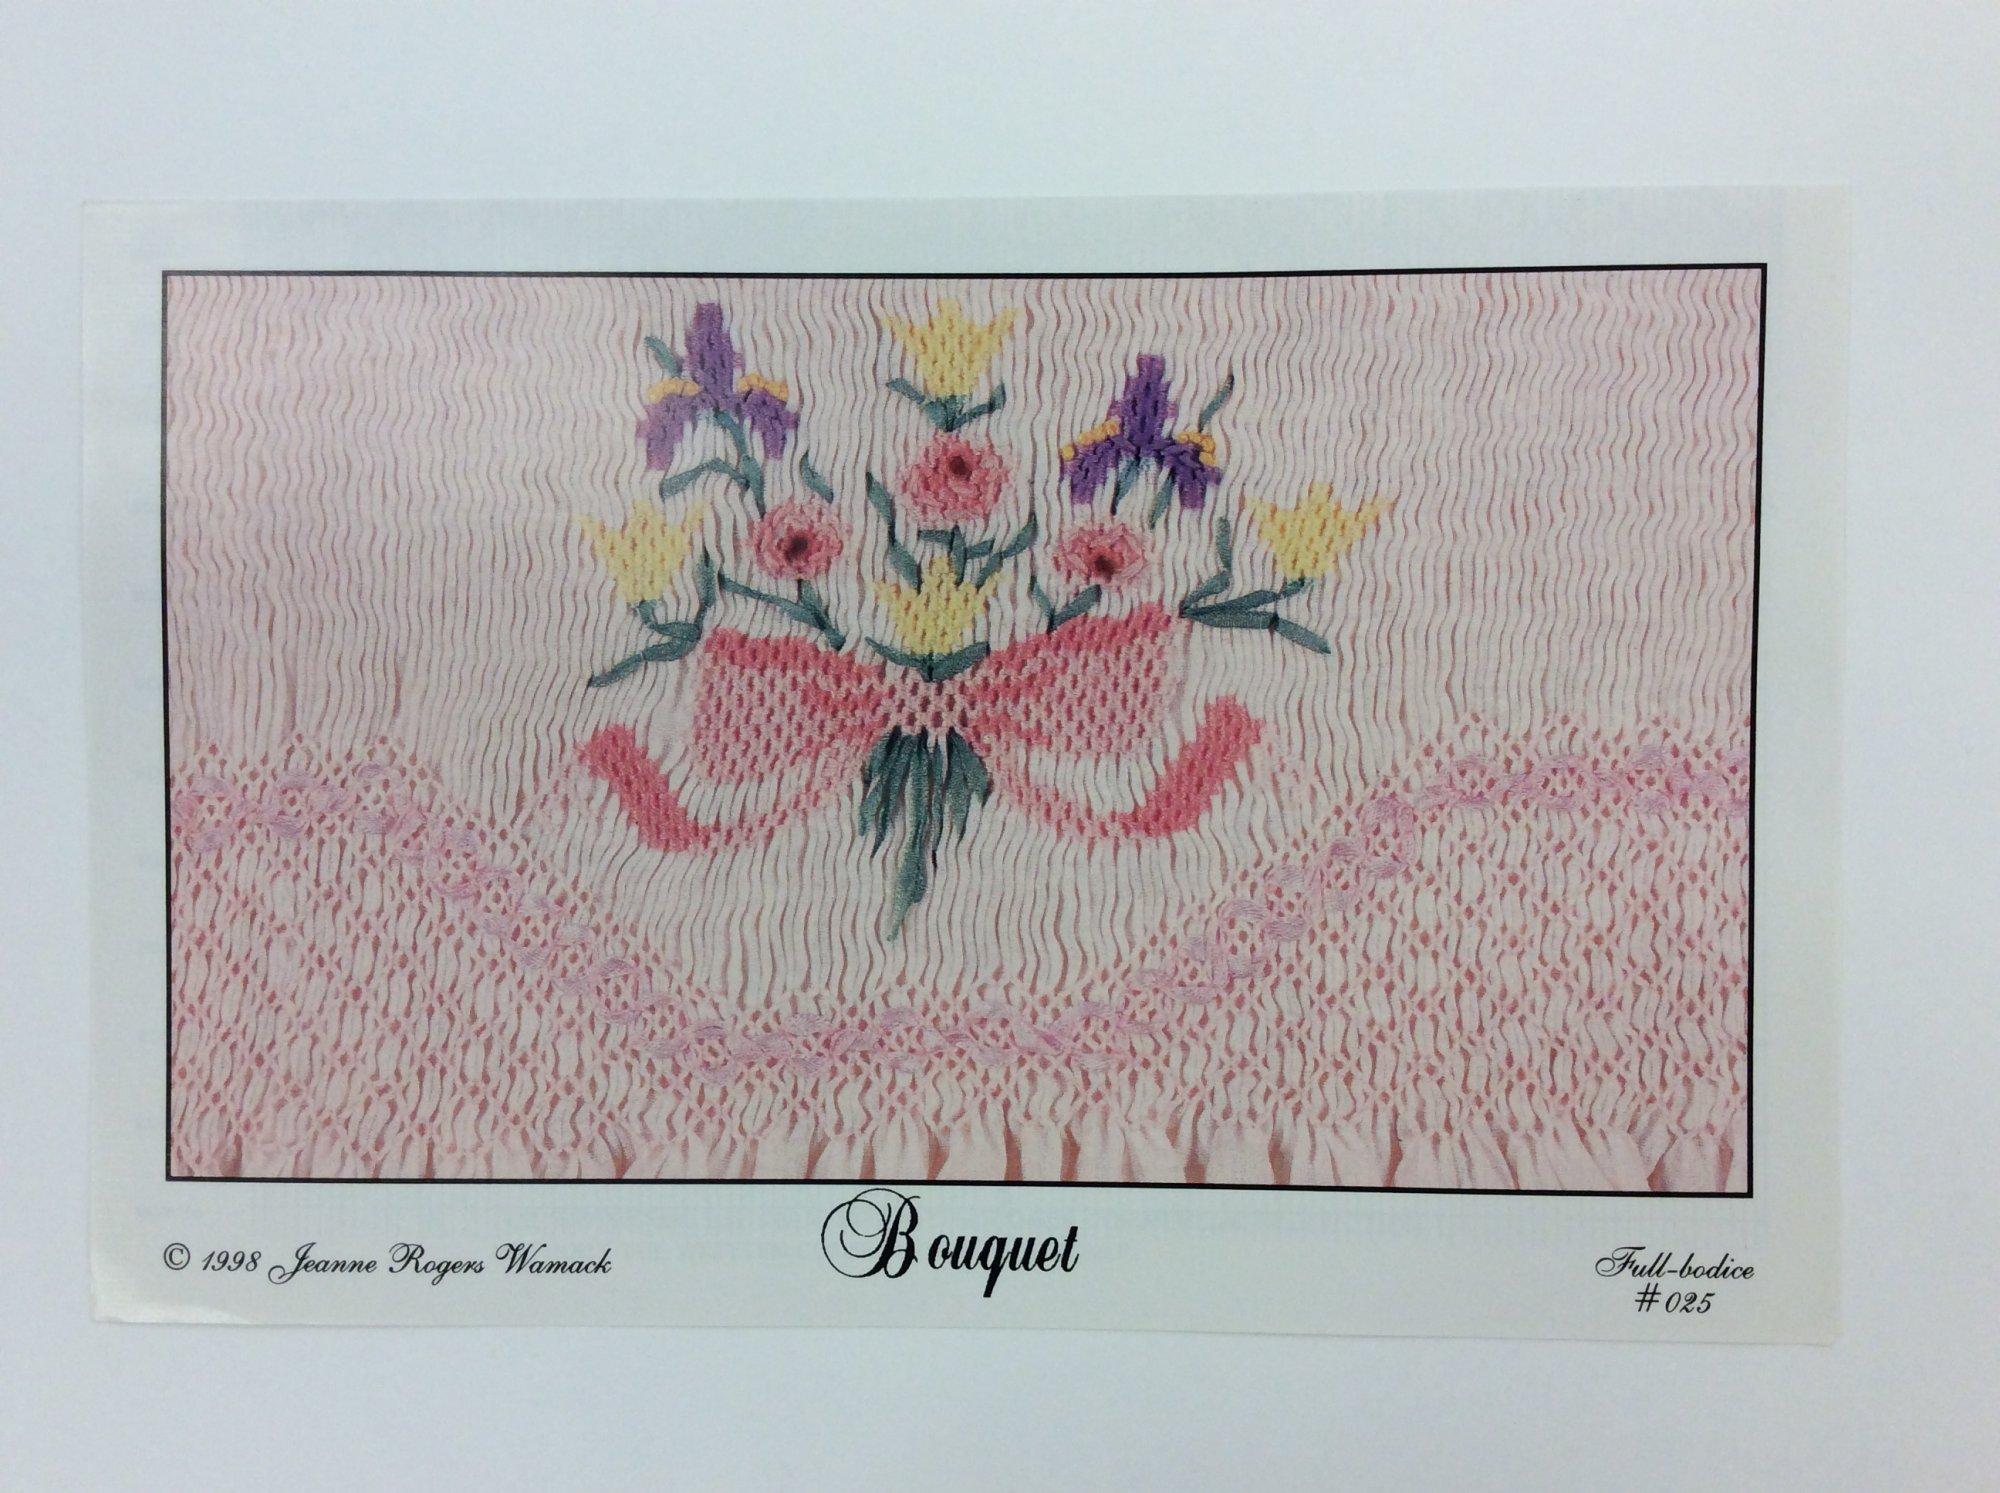 Bouquet JRW